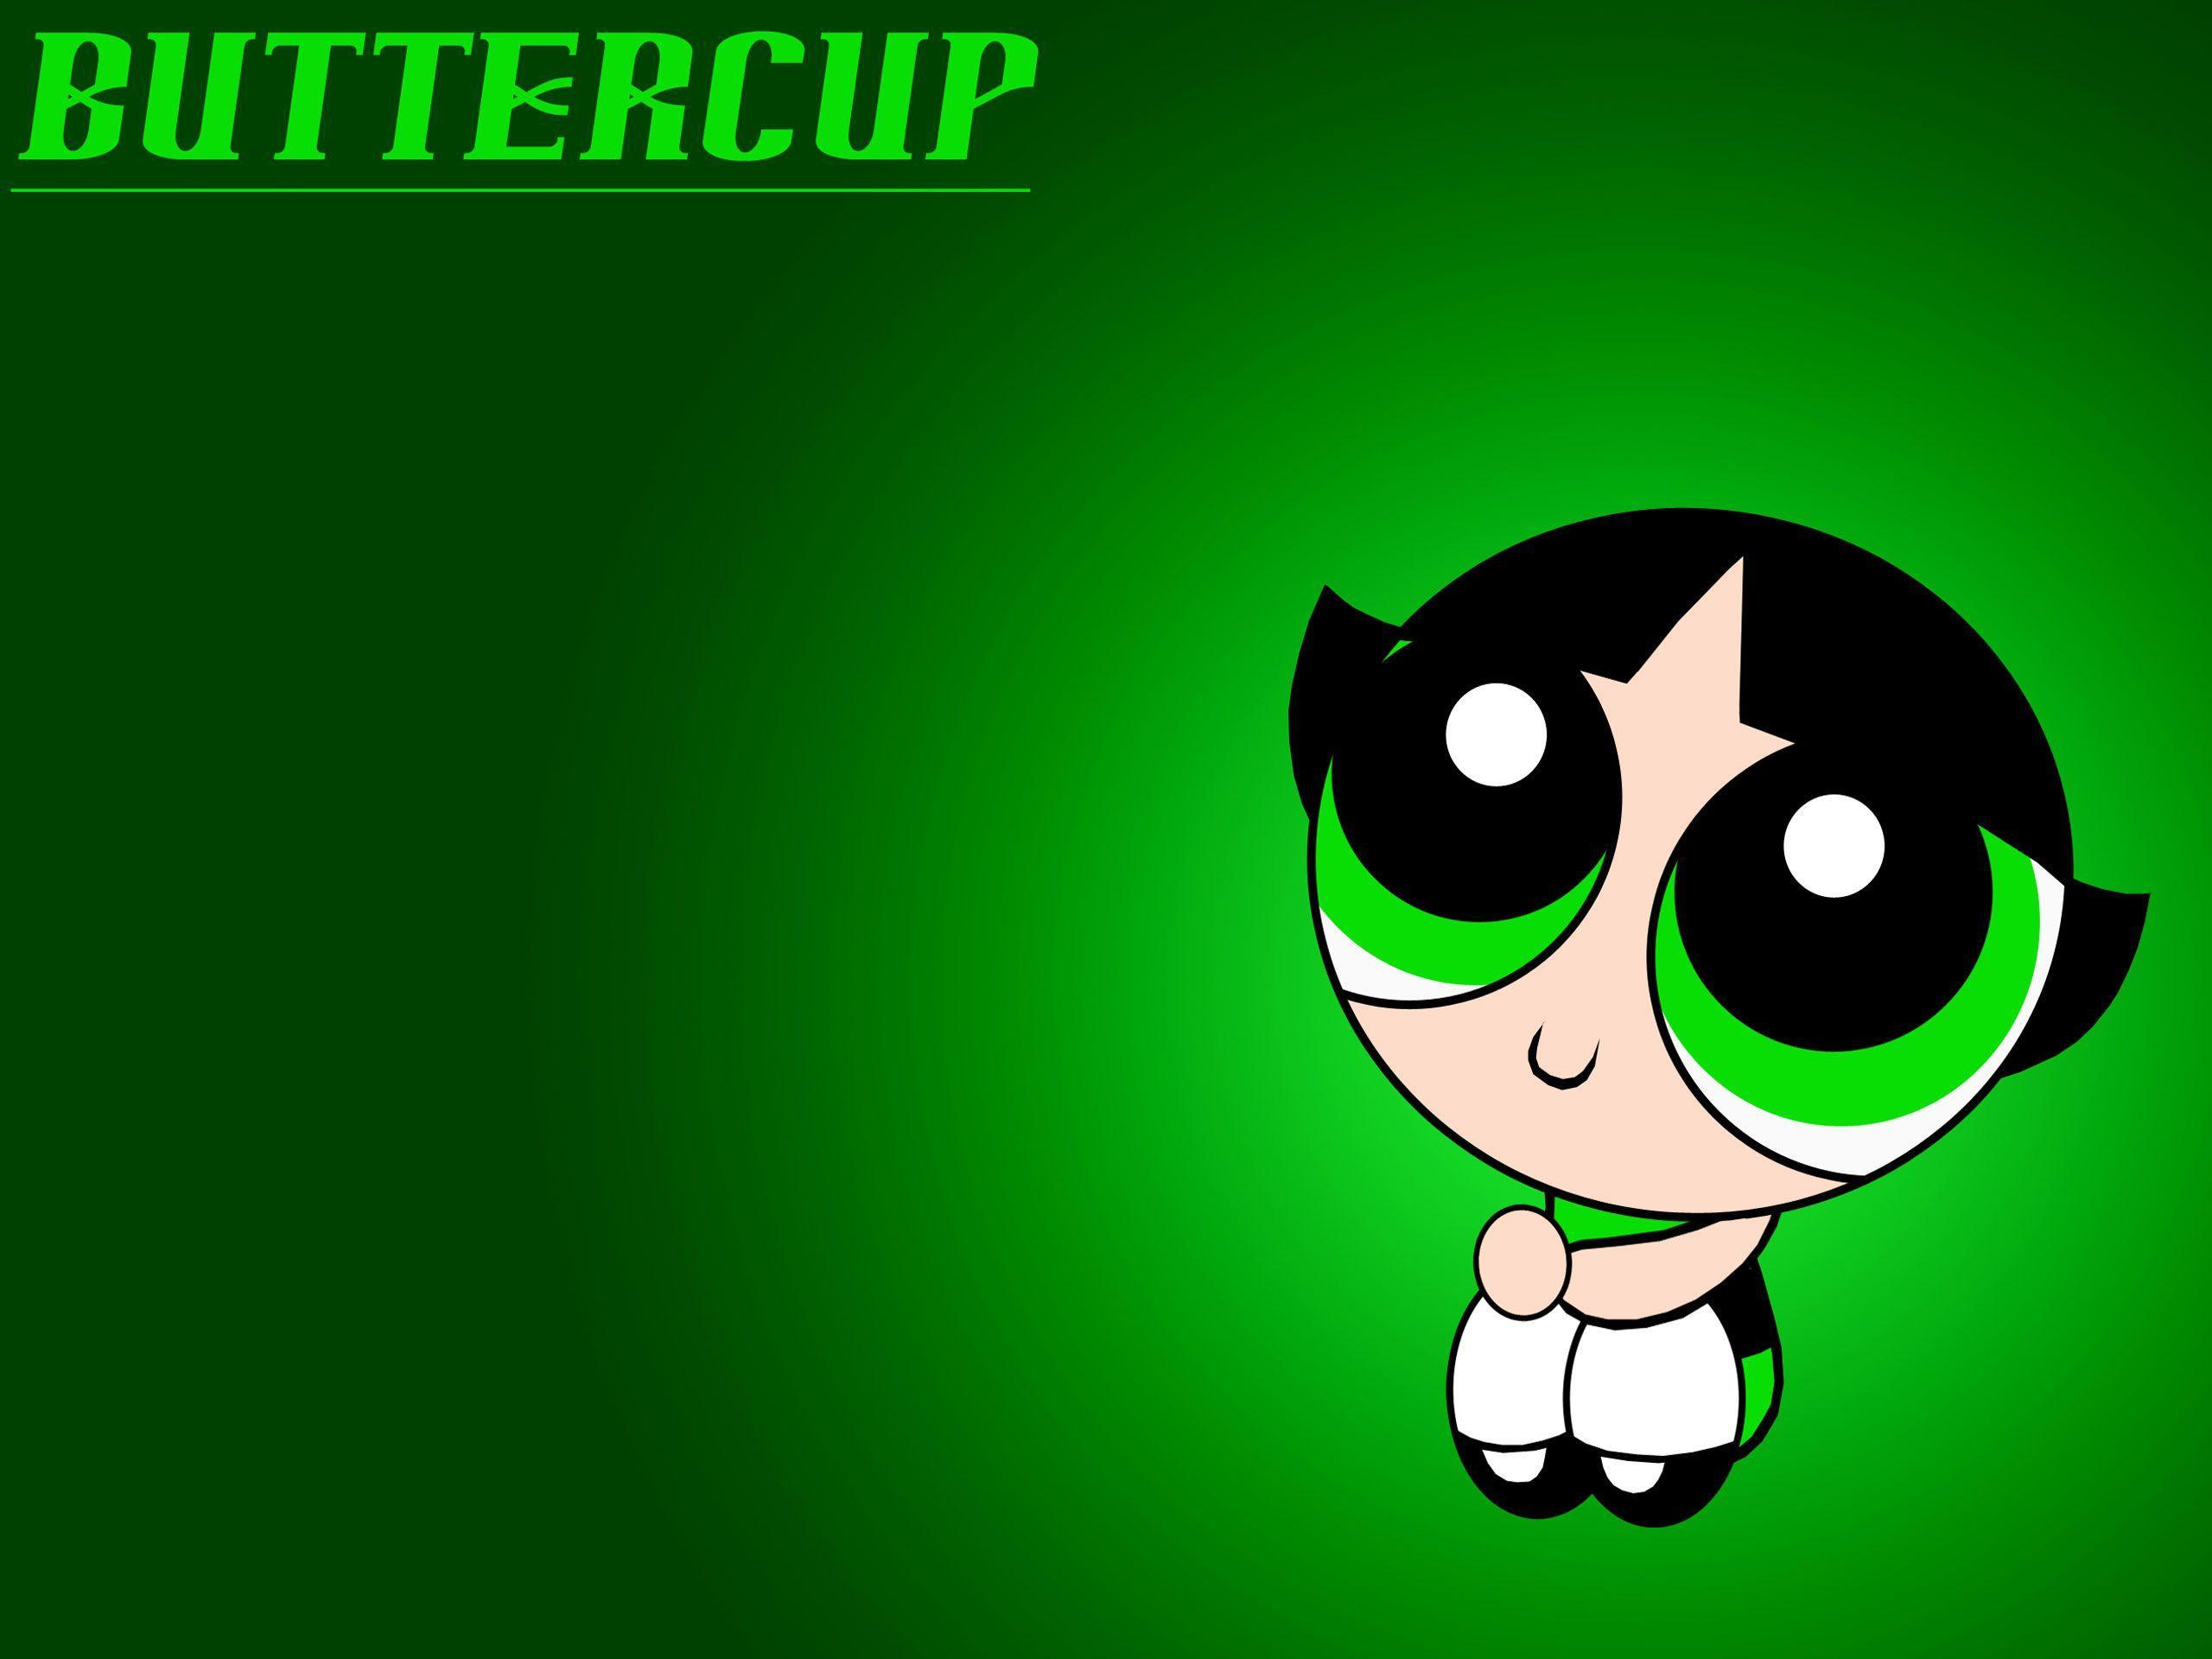 Buttercup Wallpaper - Powerpuff Girls Wallpaper (4844276 ...  |Powerpuff Girls Buttercup Wallpaper